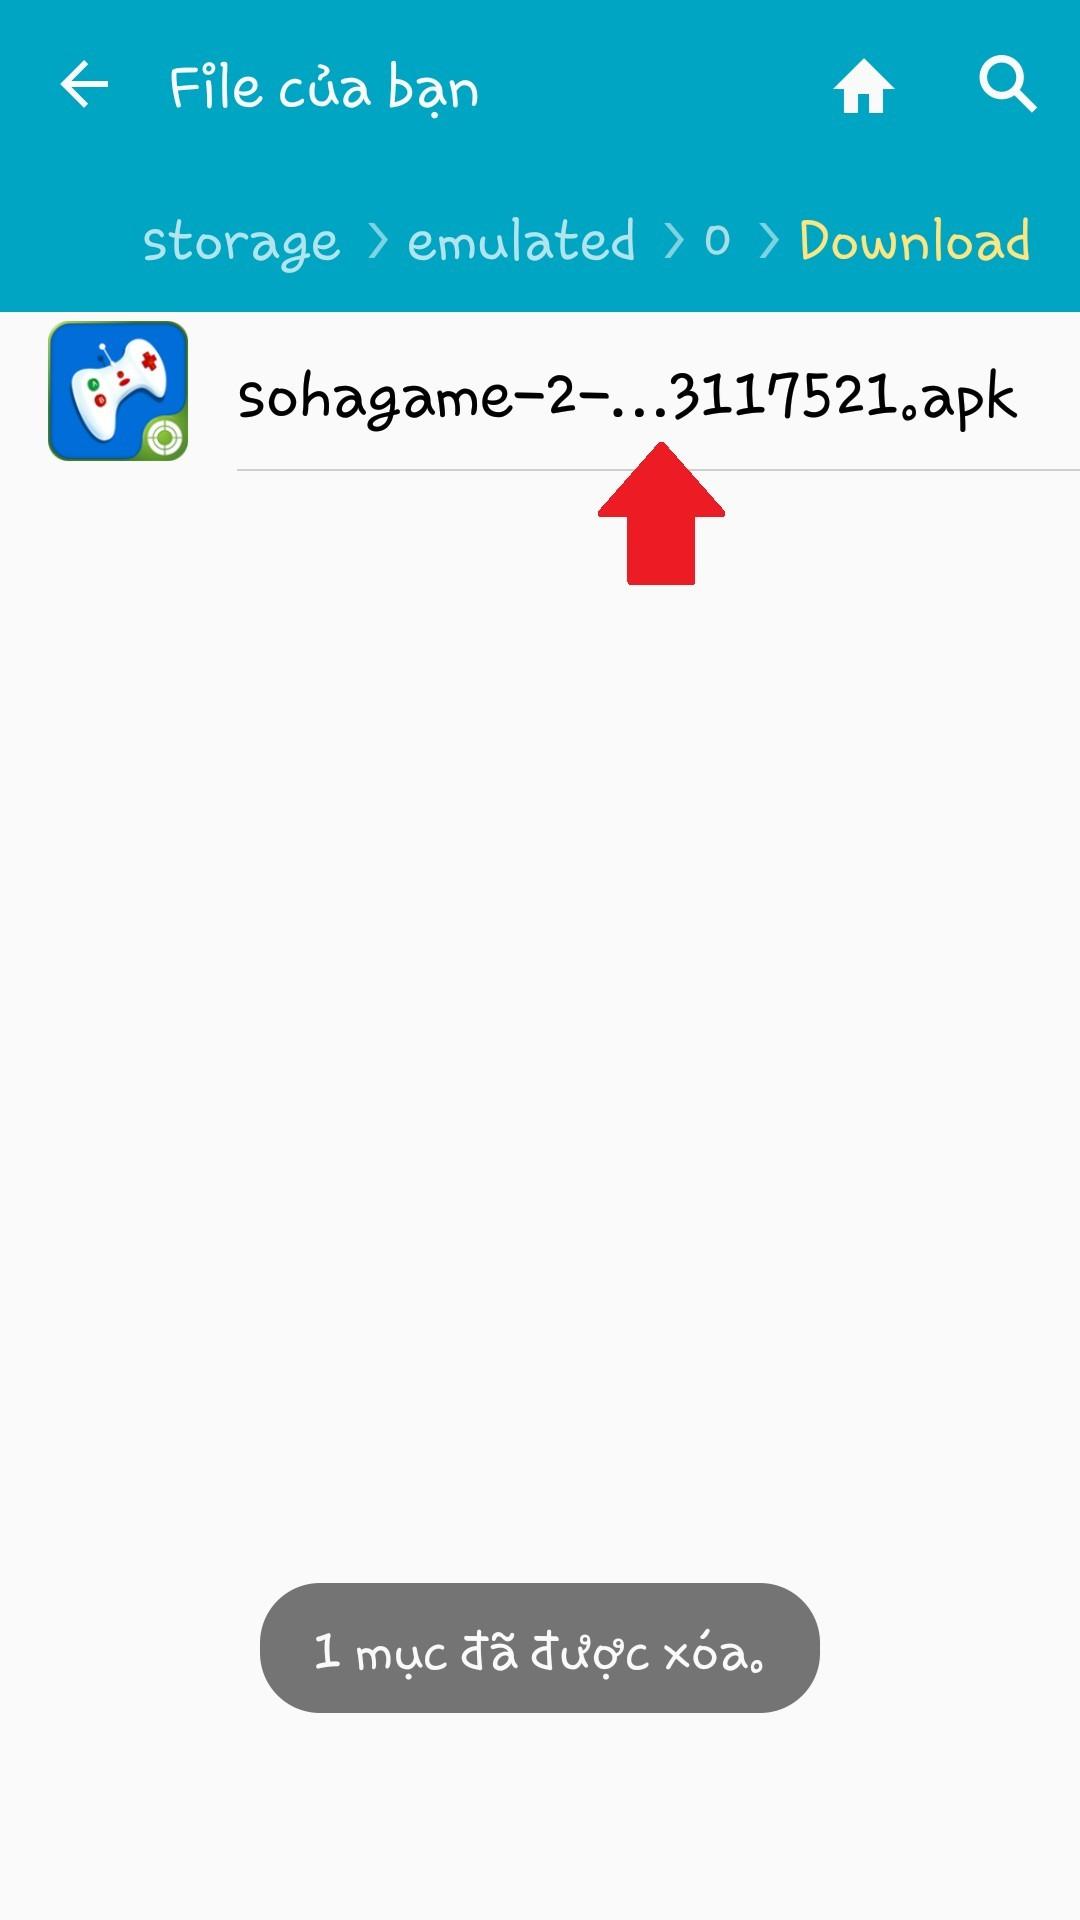 [Hướng dẫn] Tải và cào đặt game Ngạo Kiếm Mobile từ App SohaGame - 10